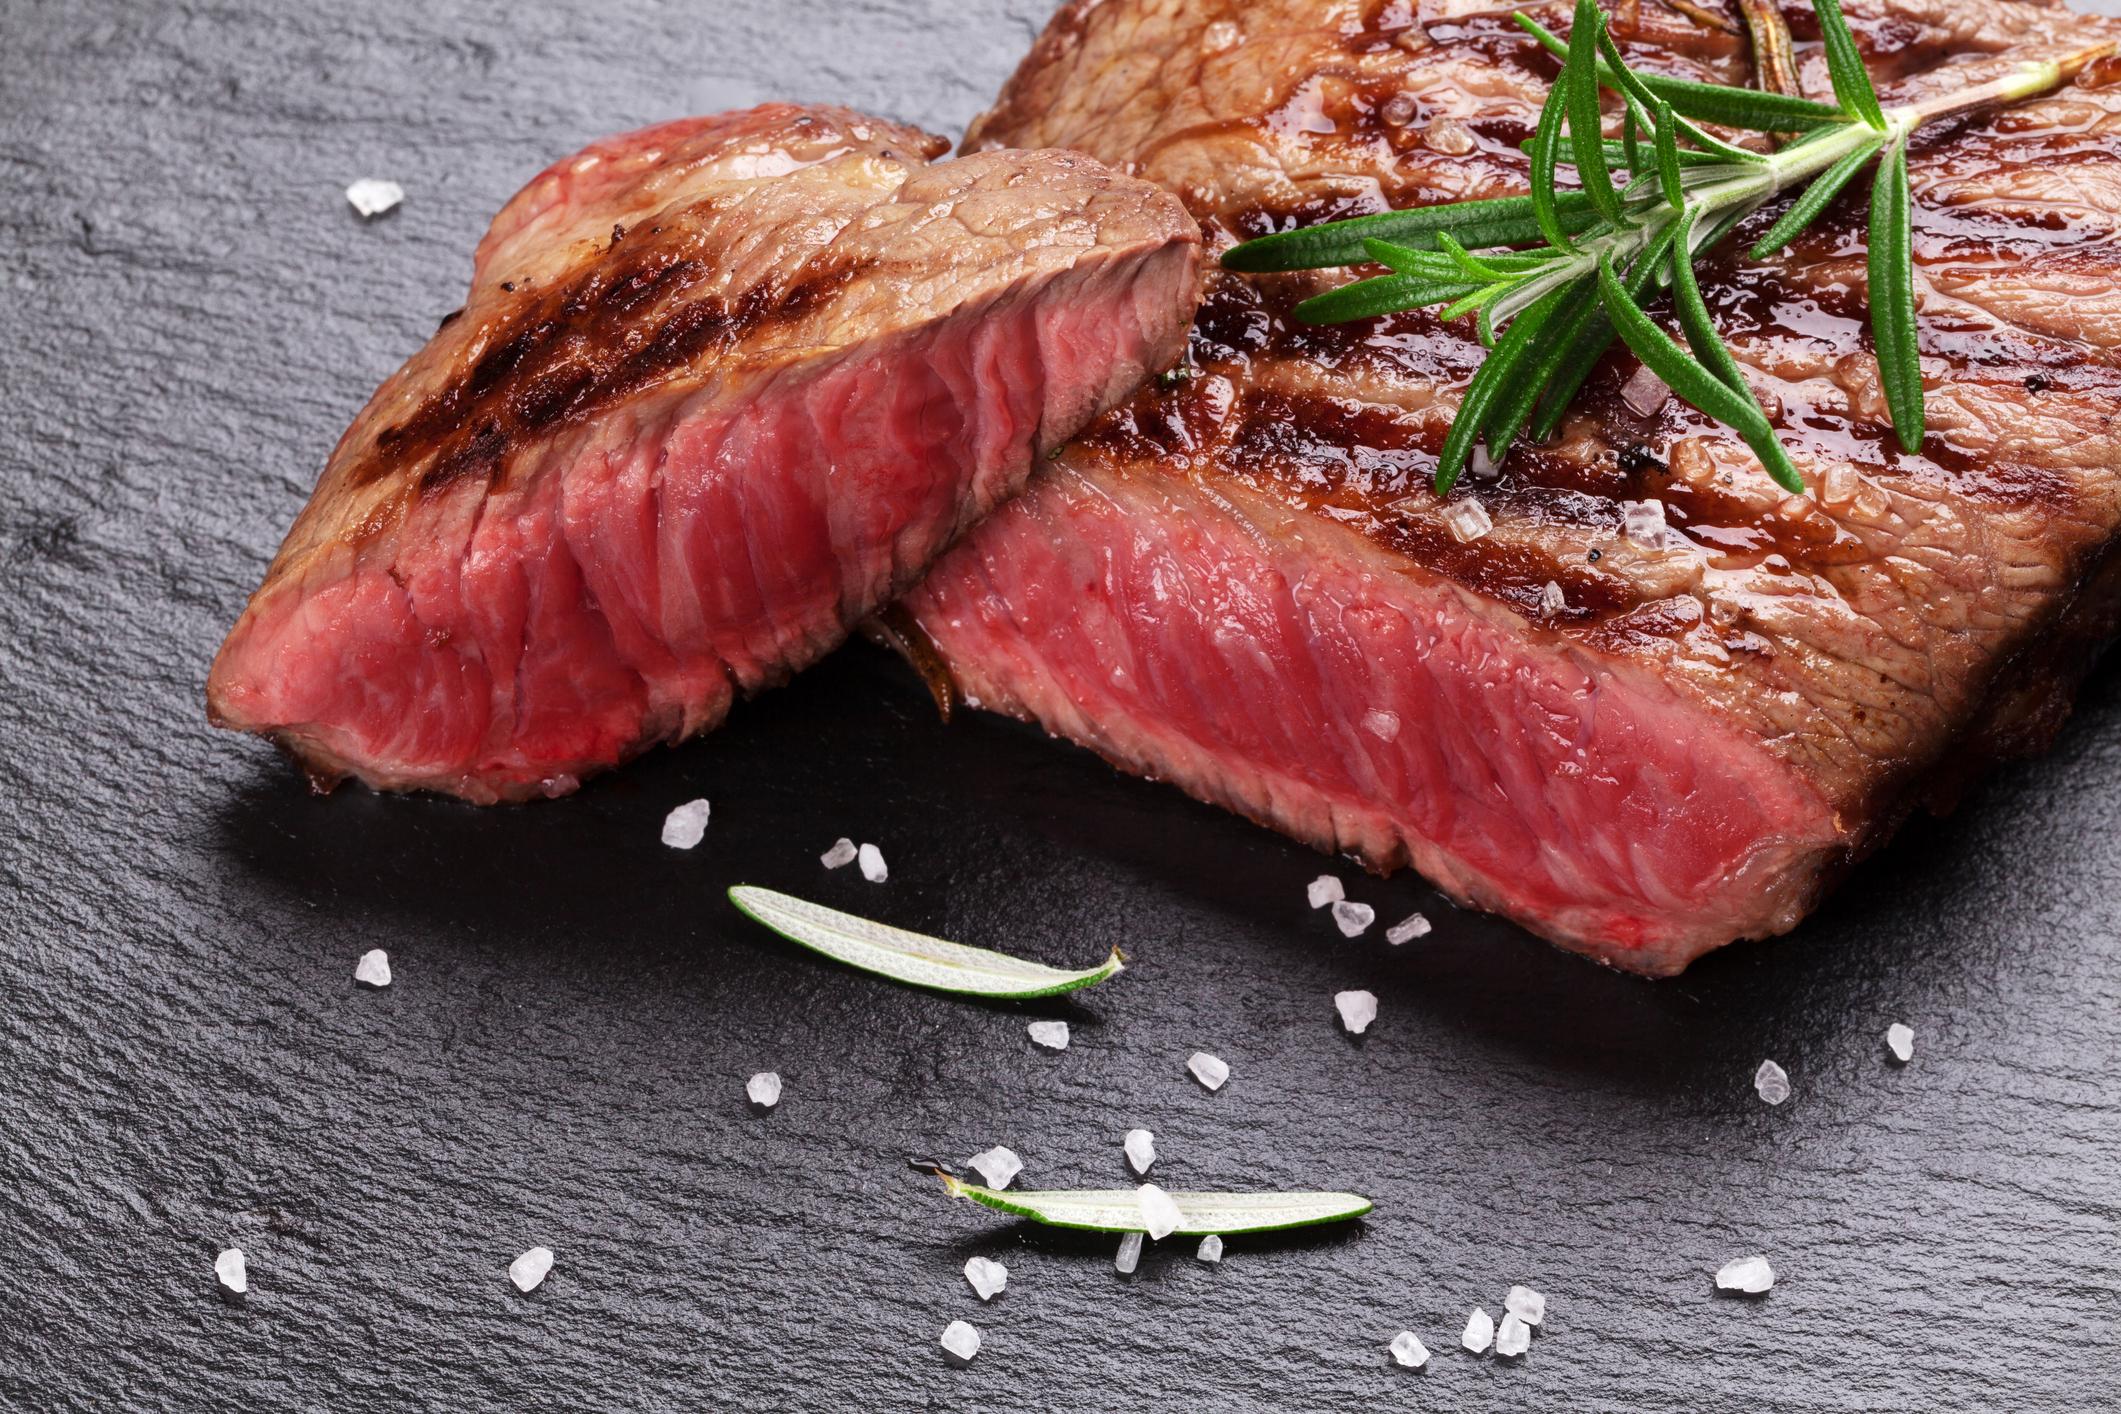 Телешко Това месо съдържа високи нива на омега-3 мастни киселини, които са известни с намаляването на риска от сърдечно-съдови заболявания. И когато става въпрос за талията ни, меса от животни, хранени единствено с треви, съдържат много по-малко калории, а мазнините му всъщност са много полезни за нас, дори и да сме на диета.